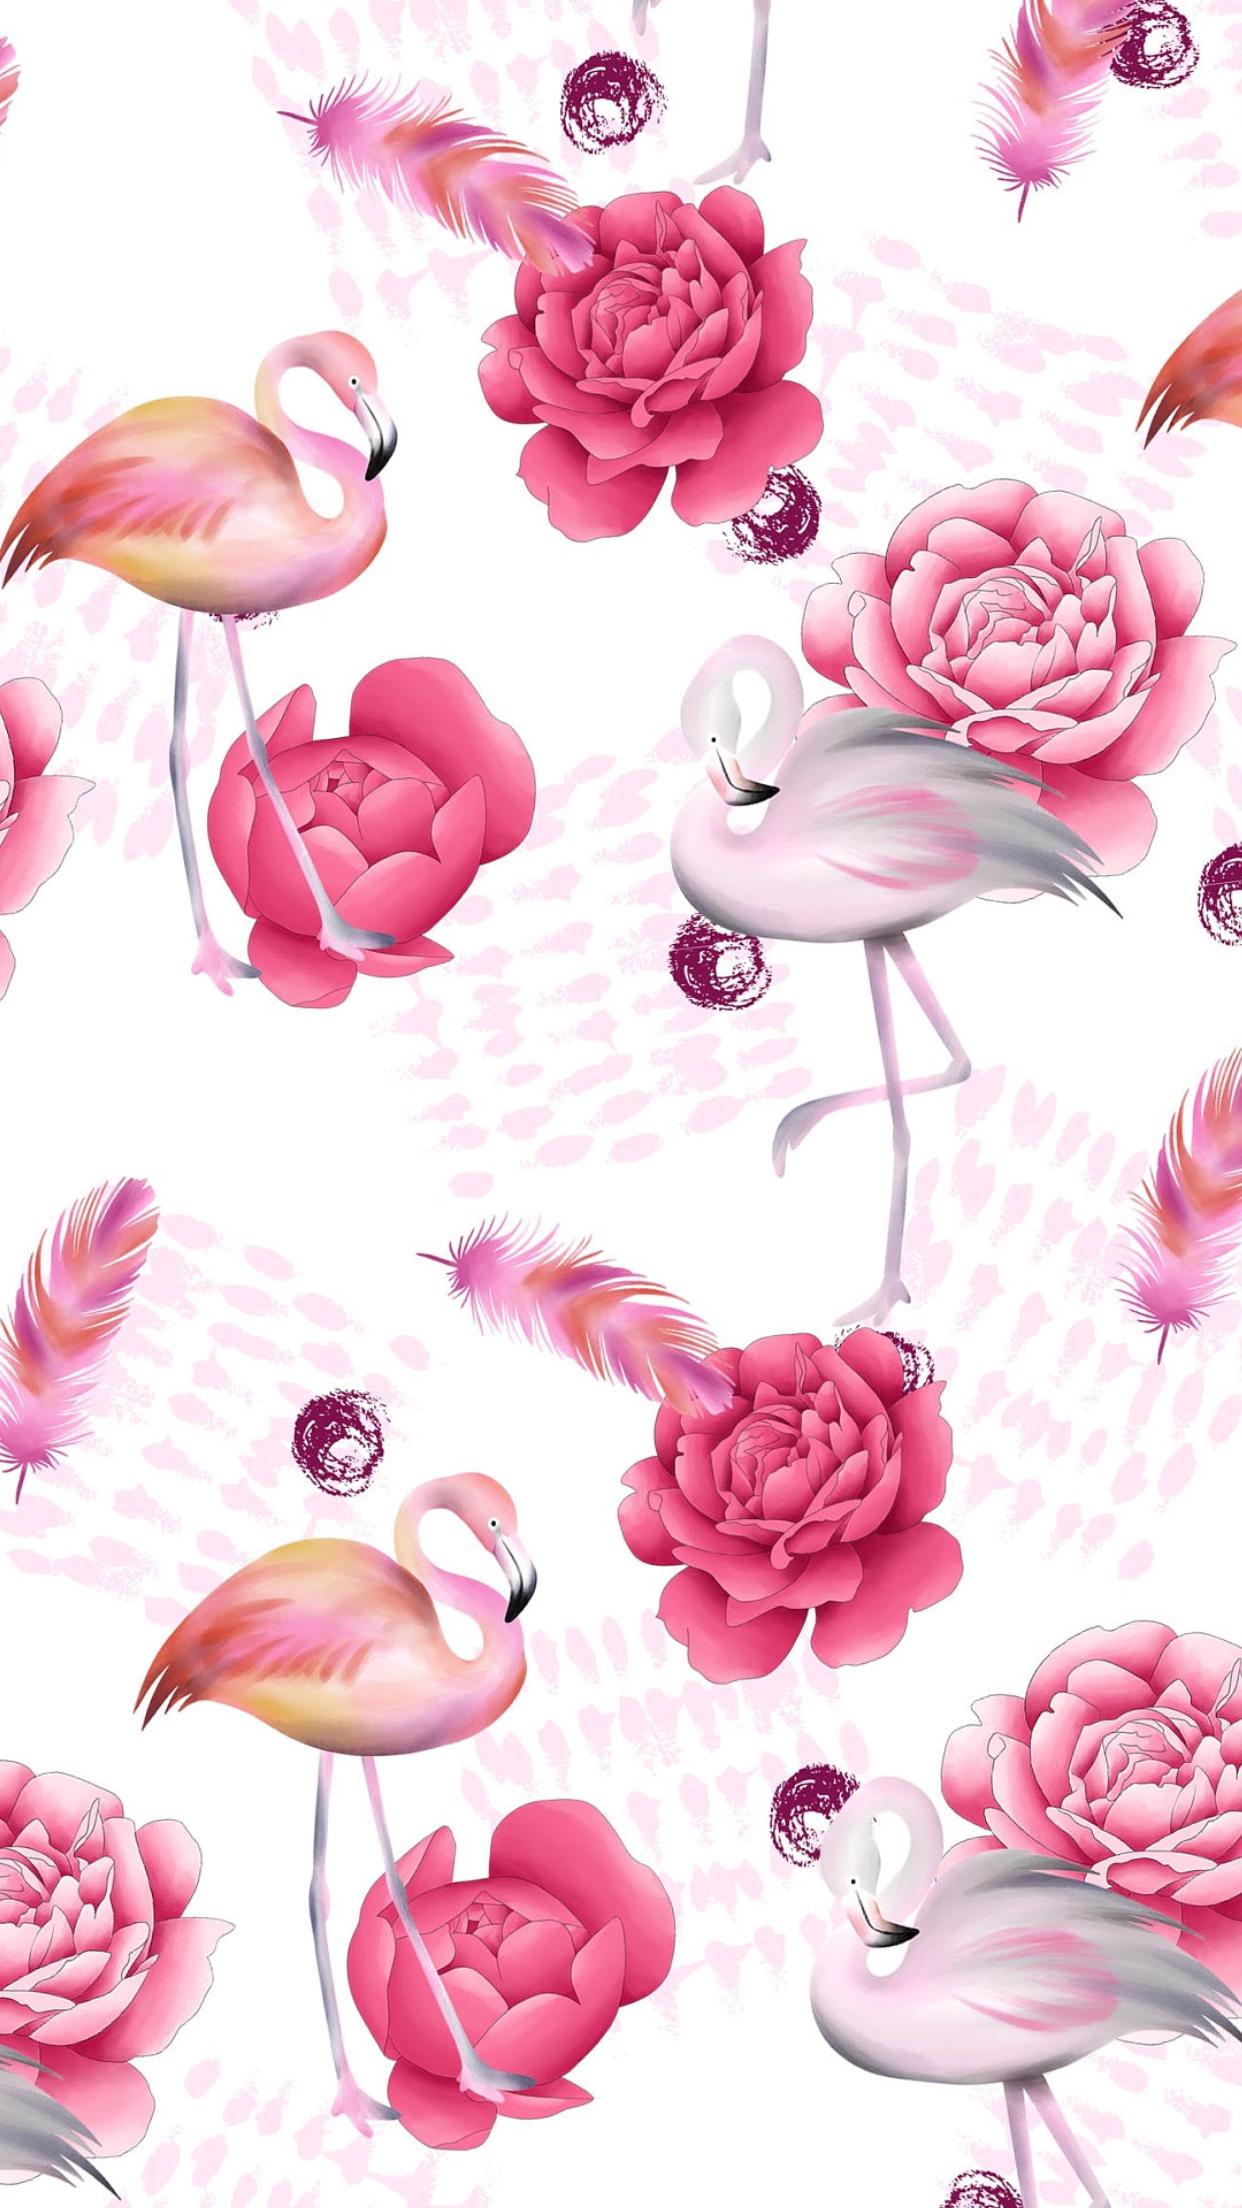 Wallpaper By Artist Unknown Fun Summertime Wall Paper Papeis De Parede Rosa Papel De Parede Flamingo Papel De Parede Do Iphone